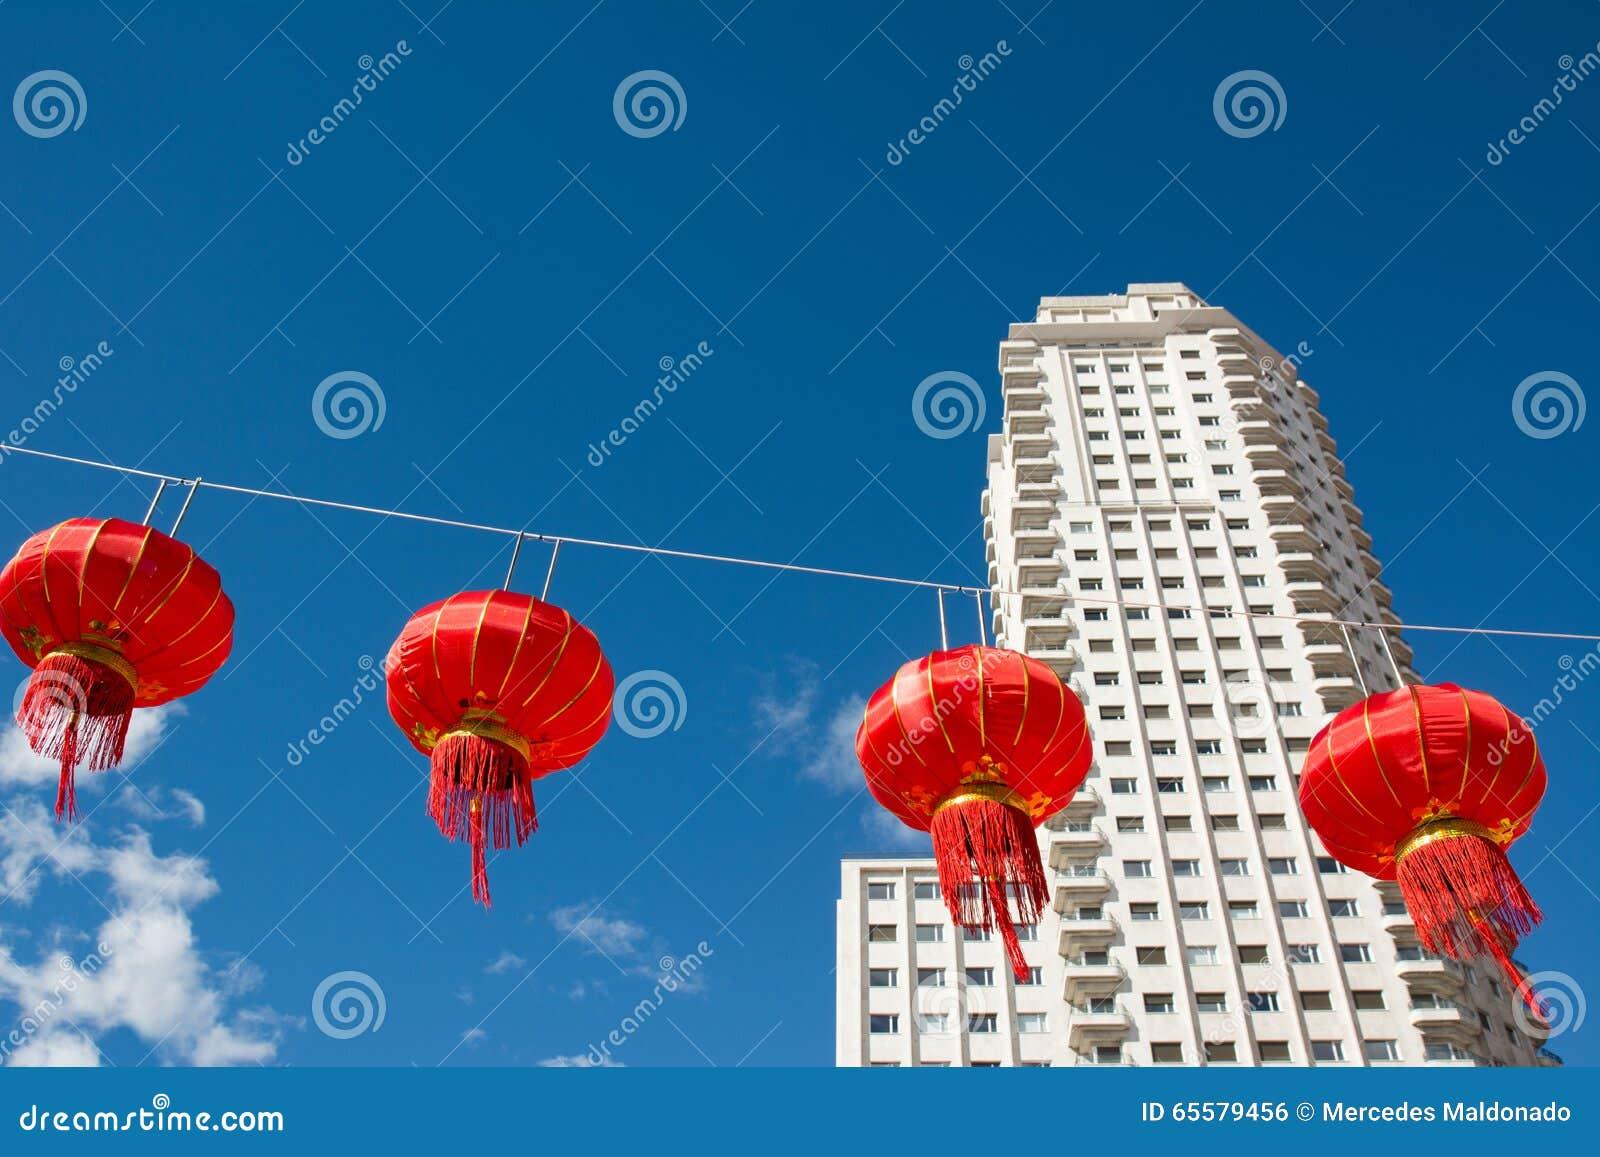 Lanternas de papel chinesas vermelhas contra um céu azul